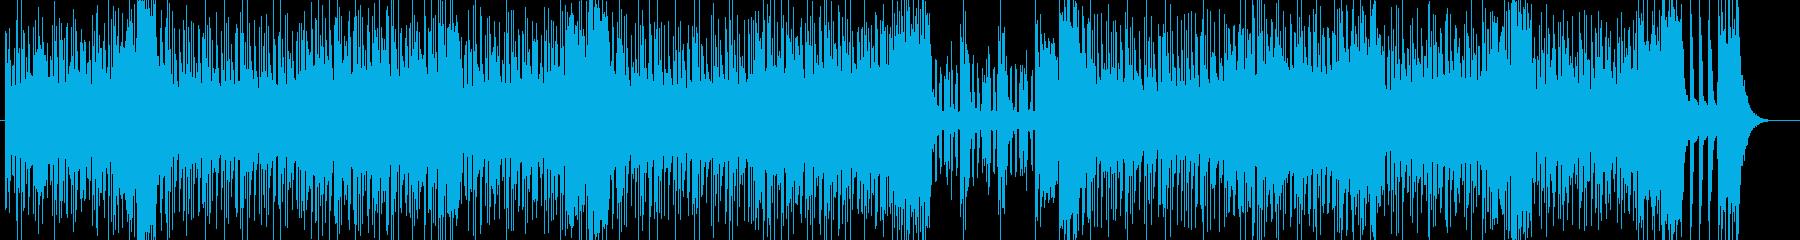 陽気なソウルミュージック ショーの始まりの再生済みの波形